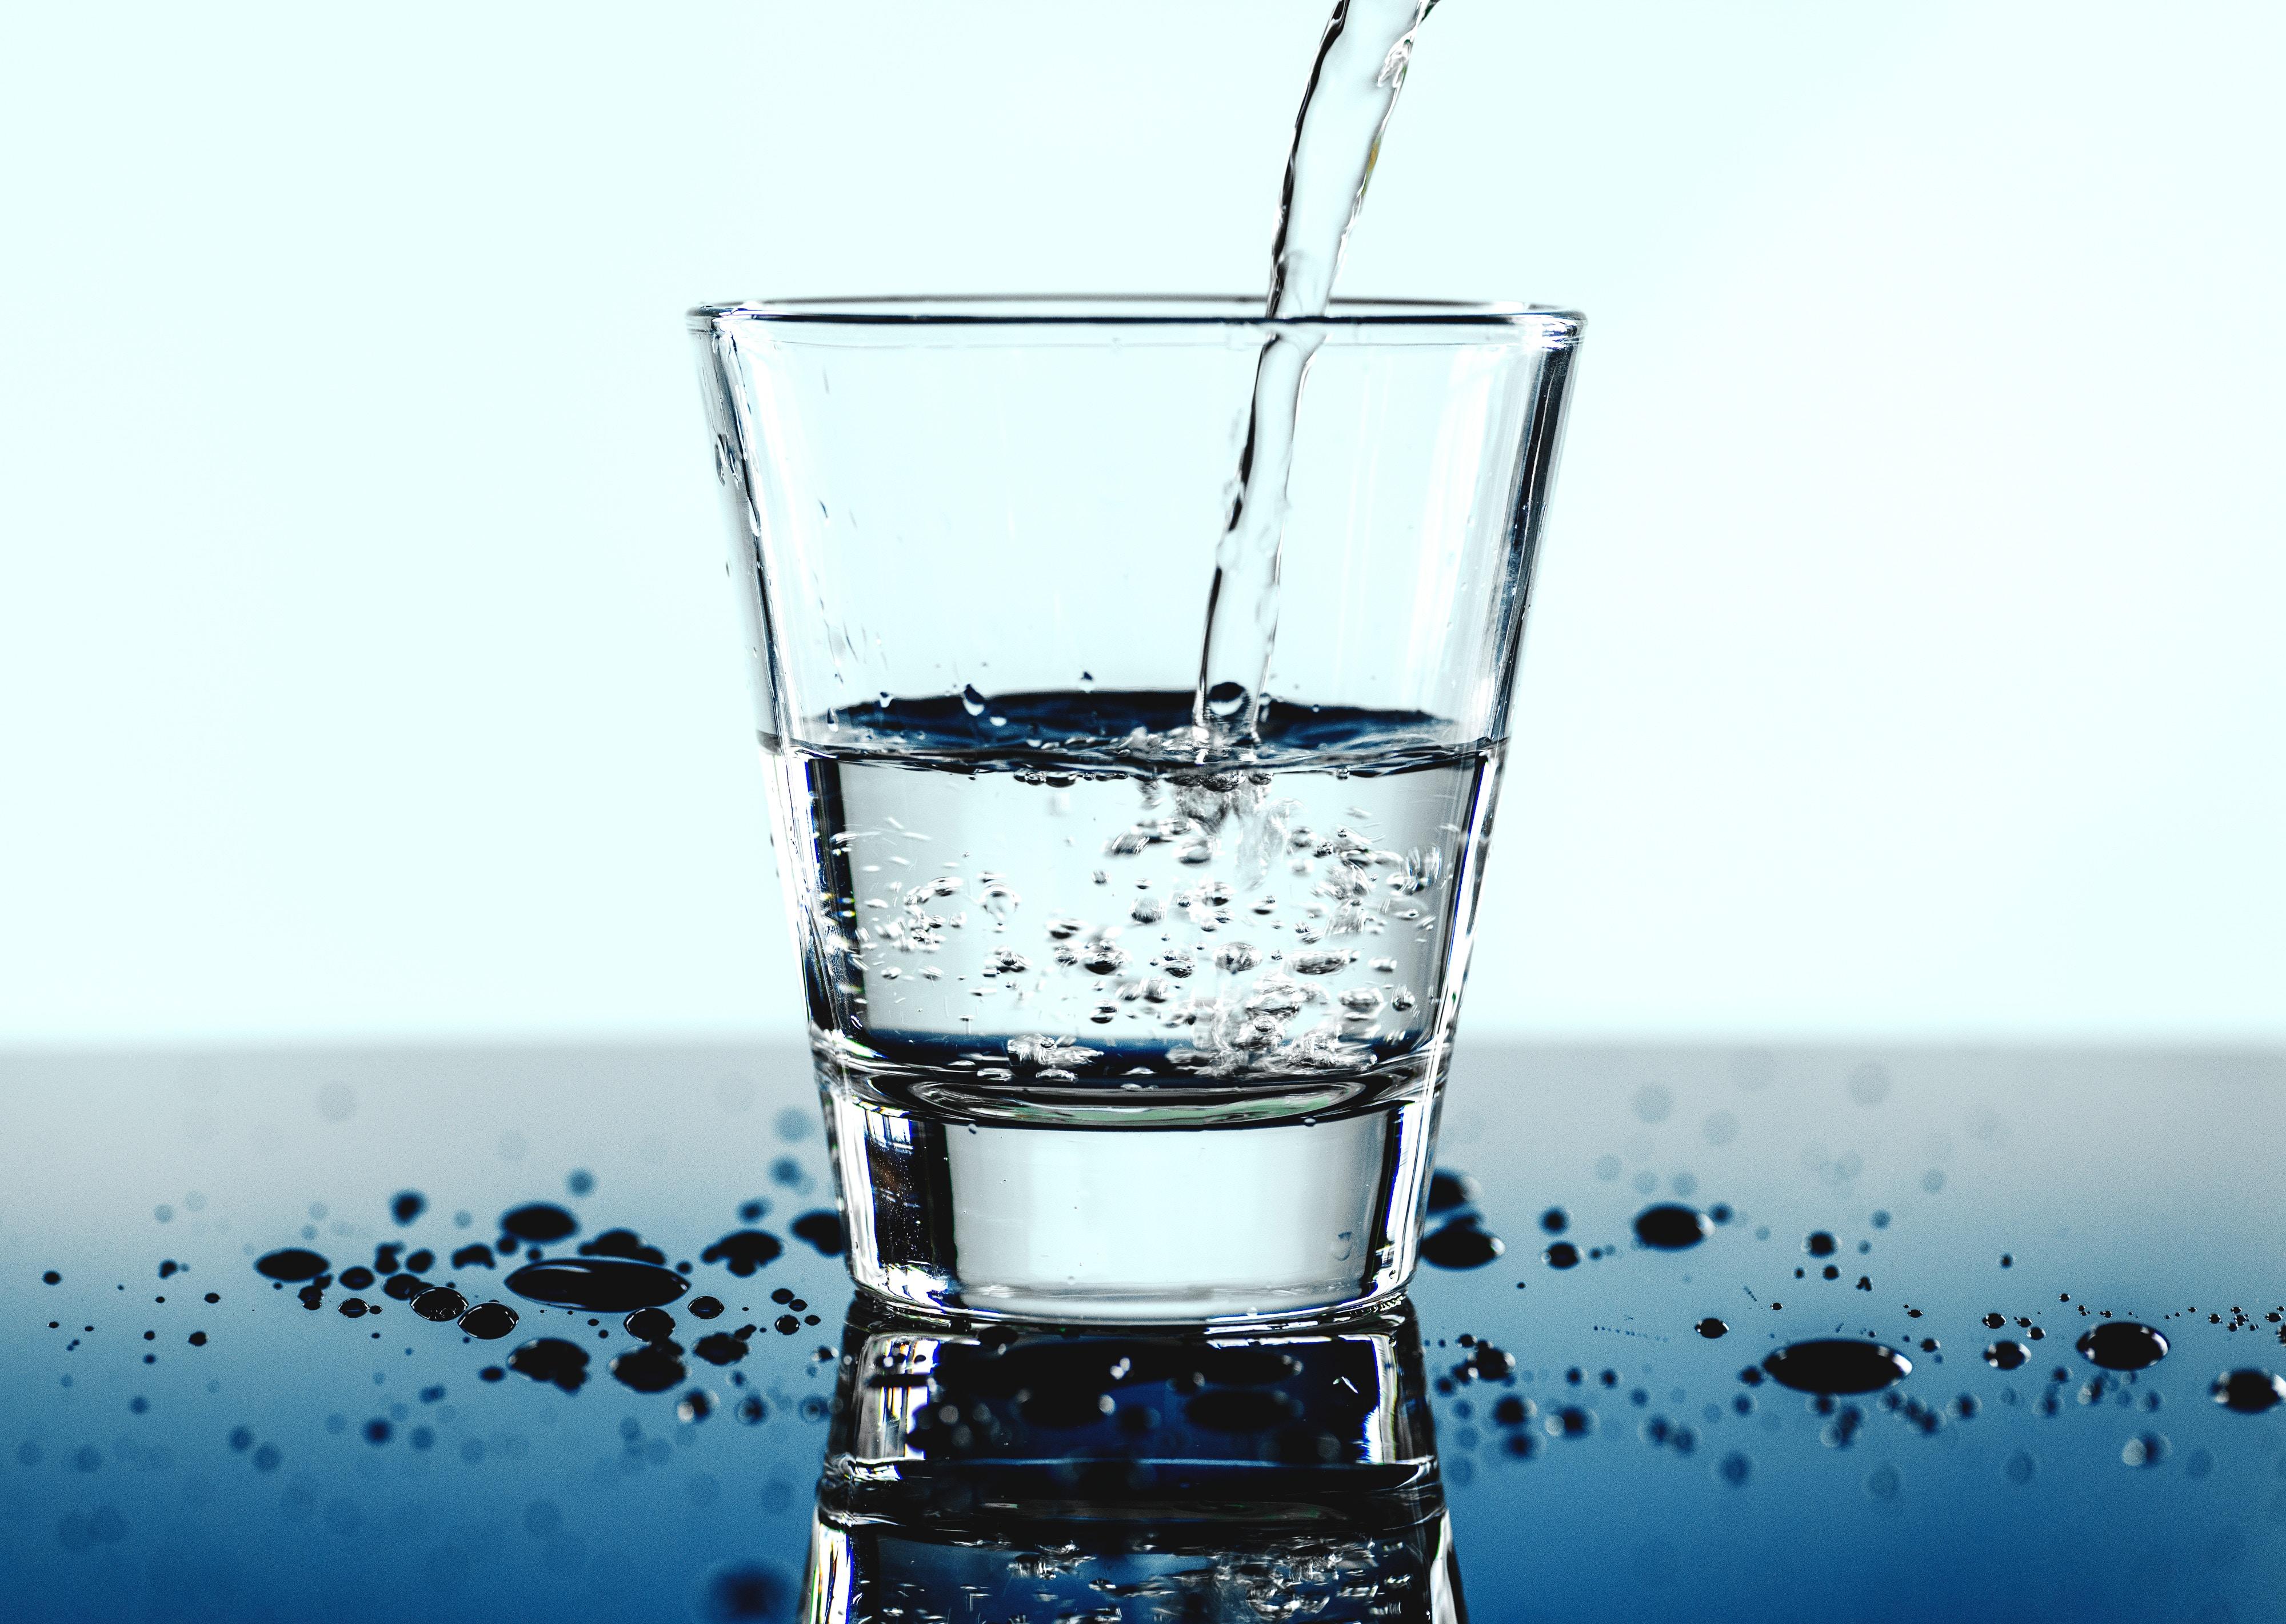 Waga uzdatniania wody